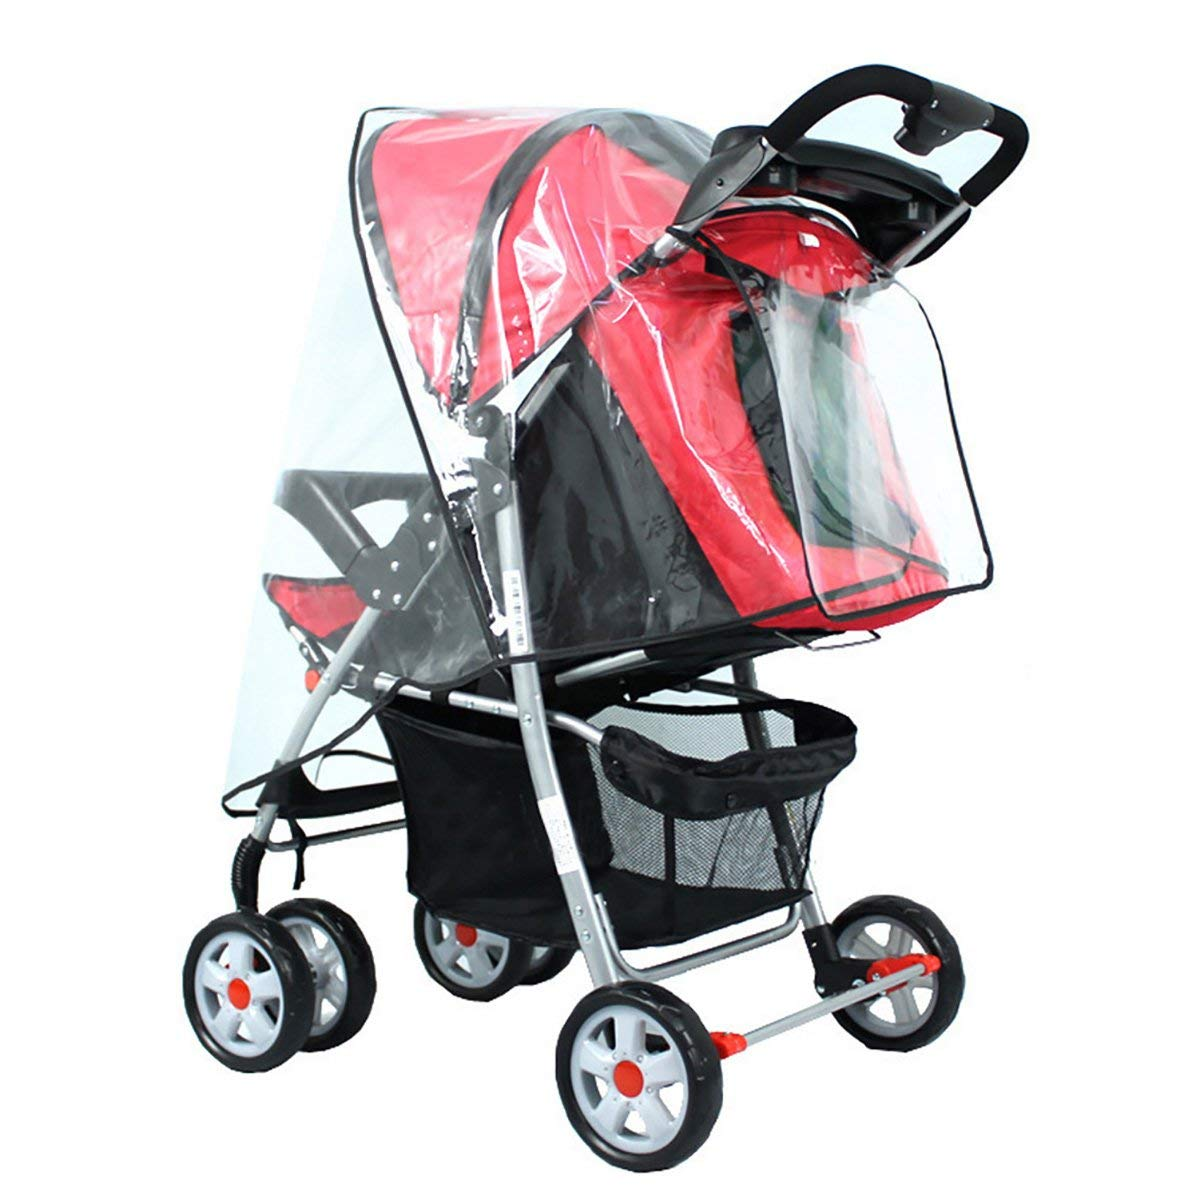 ideal para viajes al aire libre cochecito de beb/é para cochecito cochecito de beb/é Funda impermeable universal para cochecito de beb/é